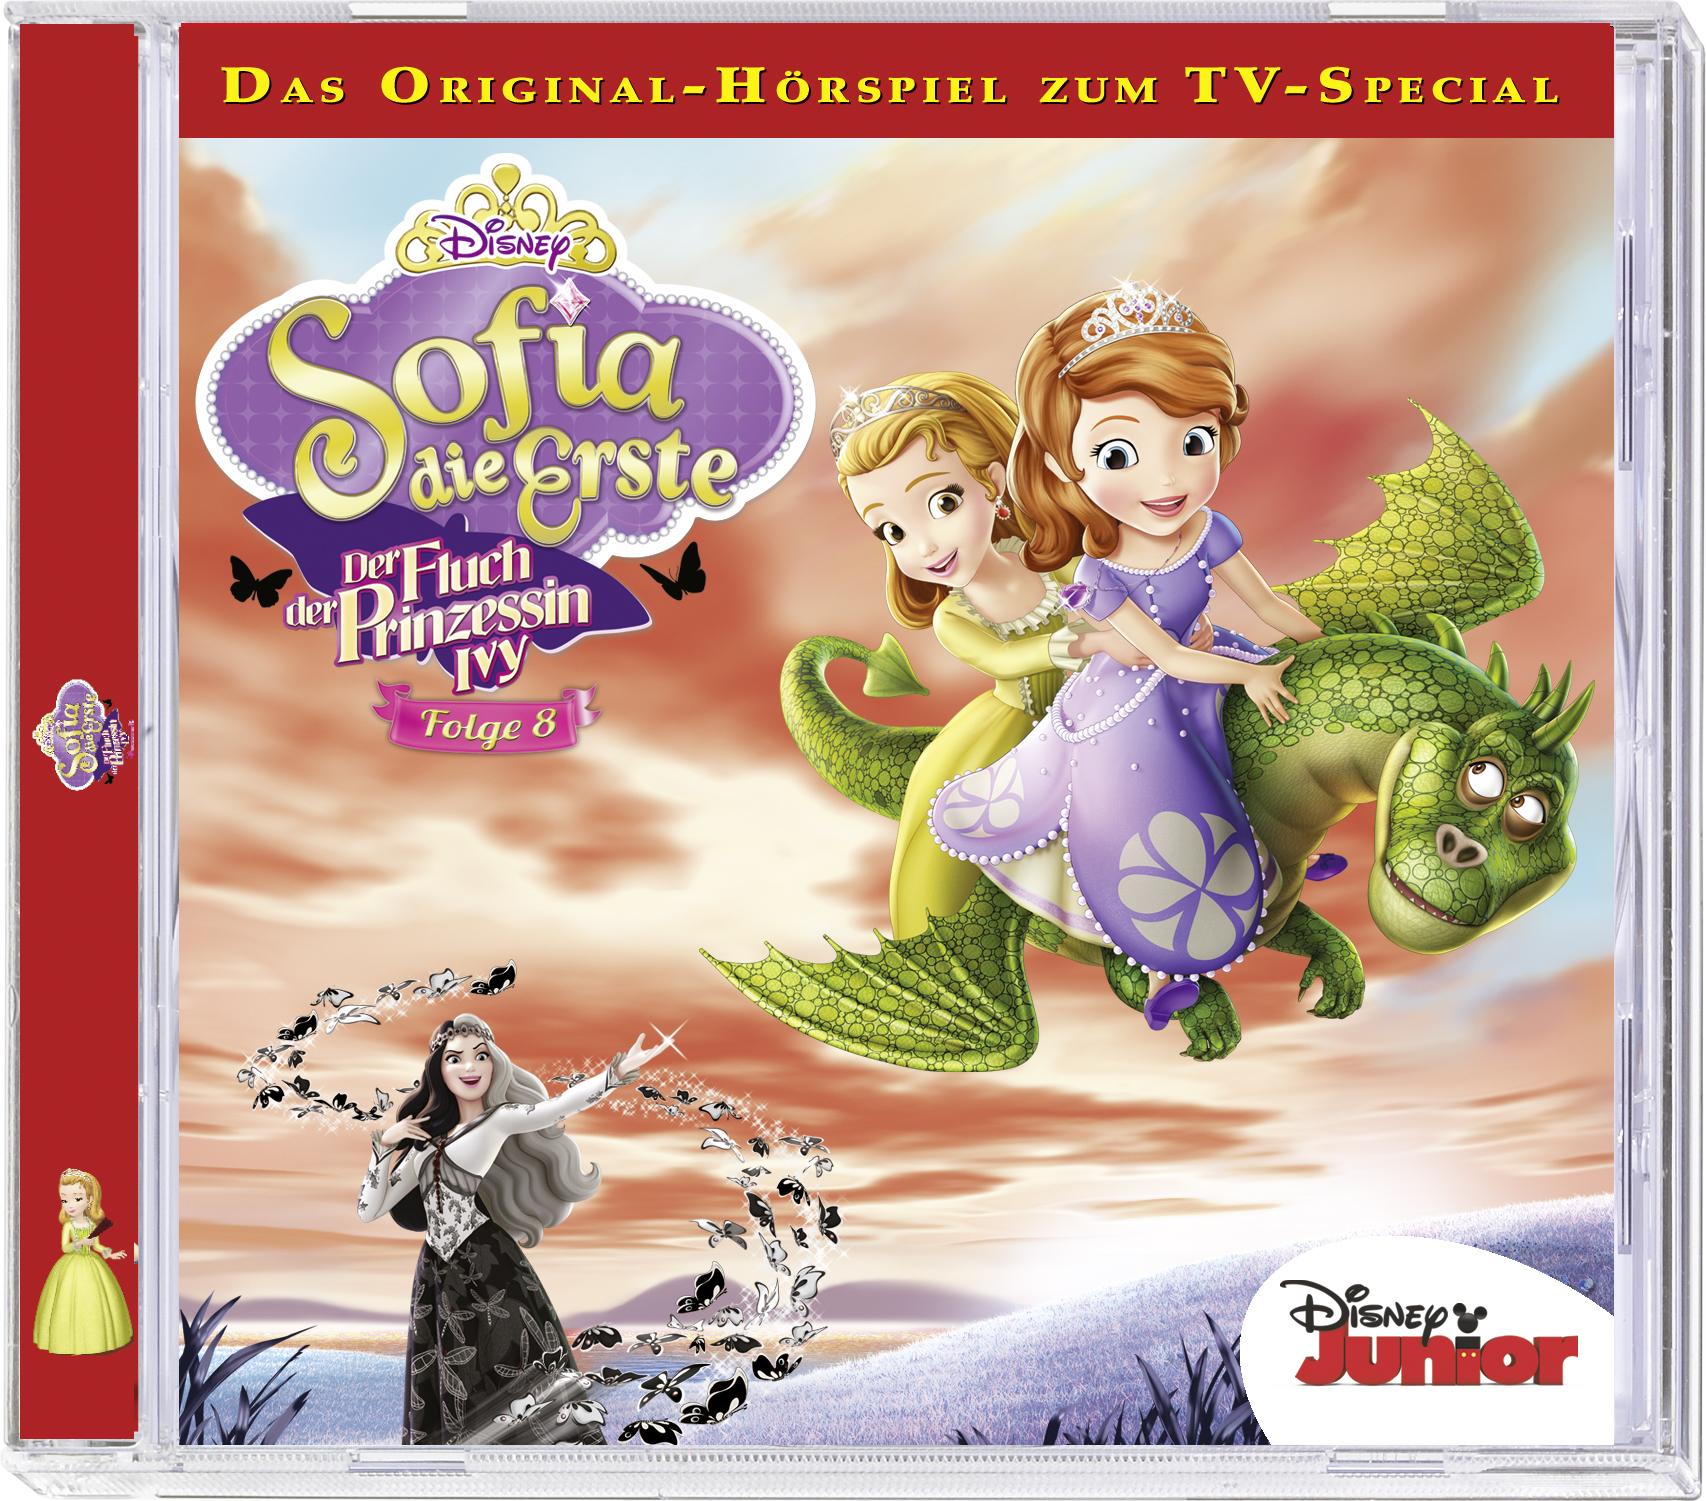 Sofia die Erste Der Fluch der Prinzessin Ivy (Folge 8)